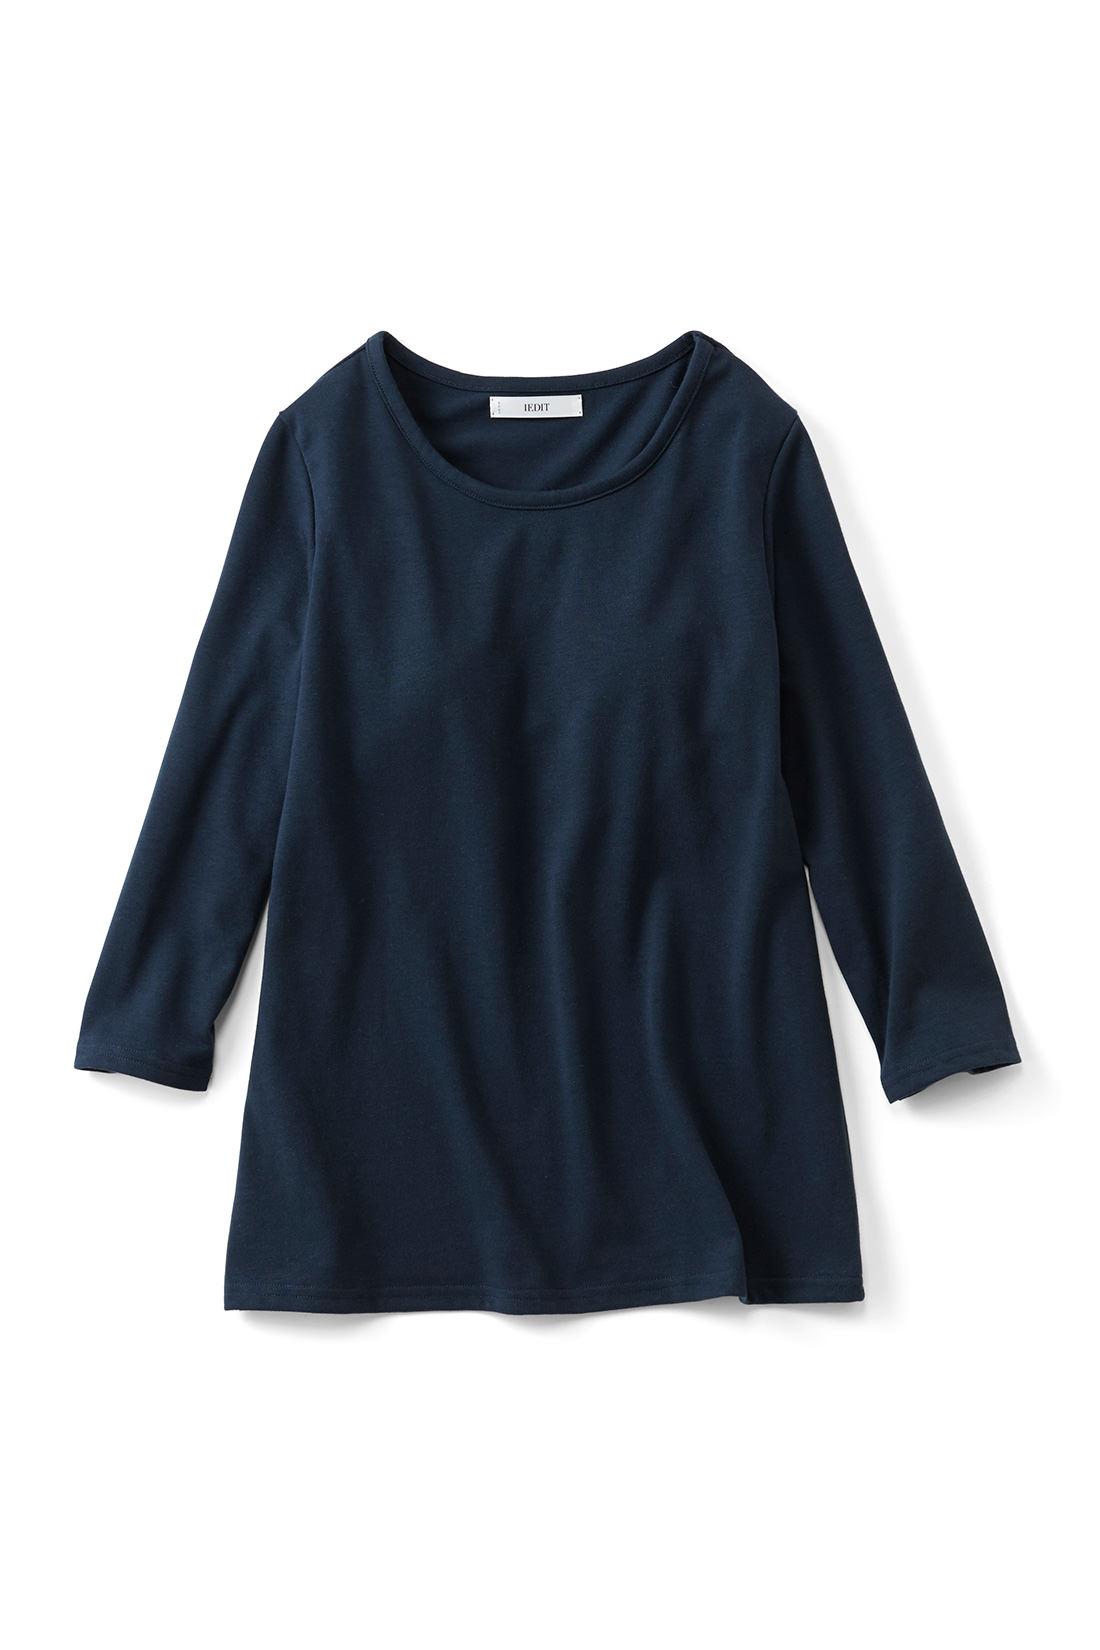 とにかくリラックス優先! ホールド感アップが目的の胸下のゴムや肩ひも、わきや背中部分の内布はありません。 一枚で着ても大丈夫♪ ほどよく肉厚な生地を用い、七分袖のこなれた雰囲気でデザインしているので着映え感あり。ちょっとしたワンマイルのお出かけにも♪